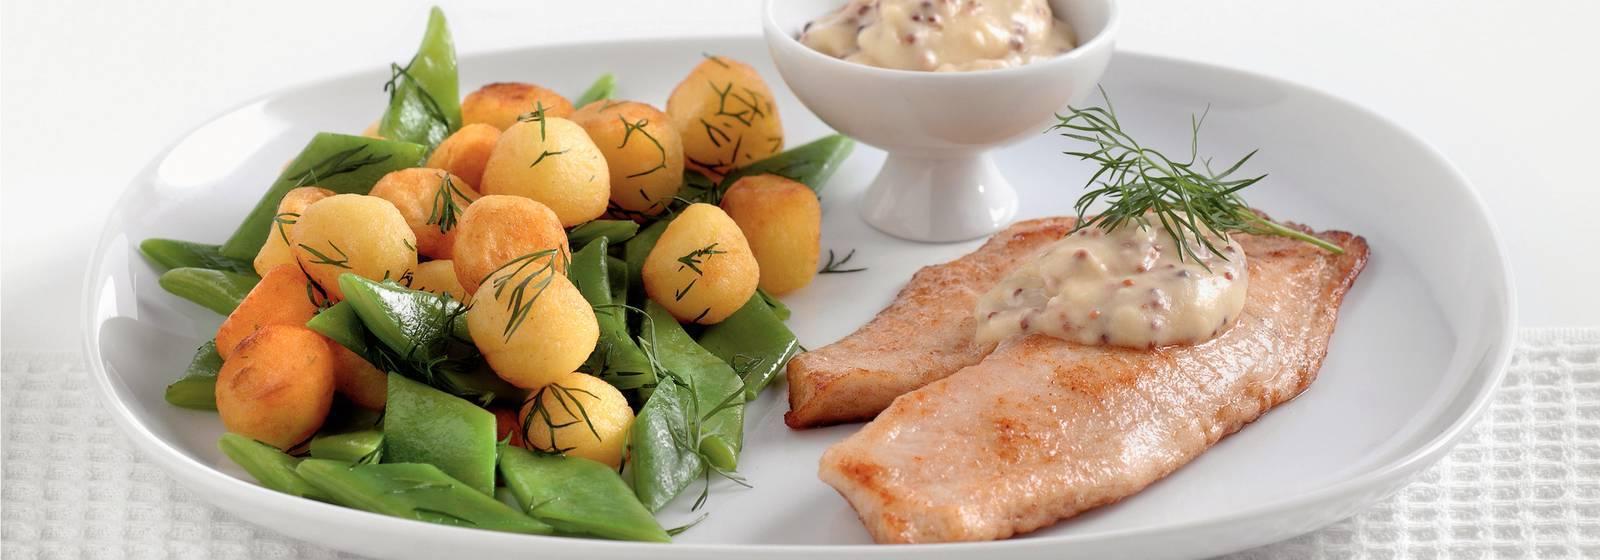 Bebek patates ve çalı fasulyesi ile tilapia